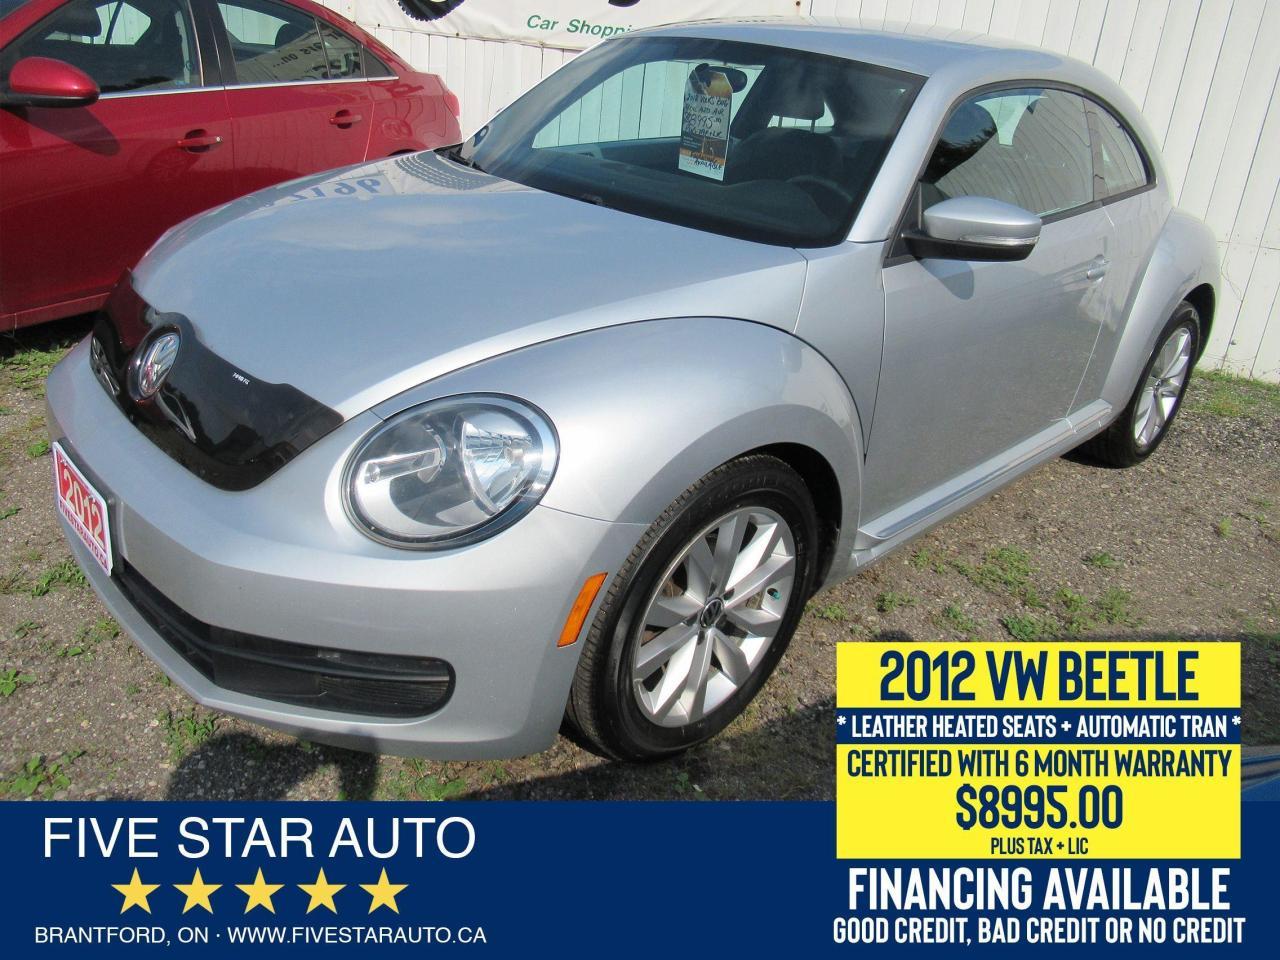 2012 Volkswagen Beetle Premiere - Certified w/ 6 Month Warranty